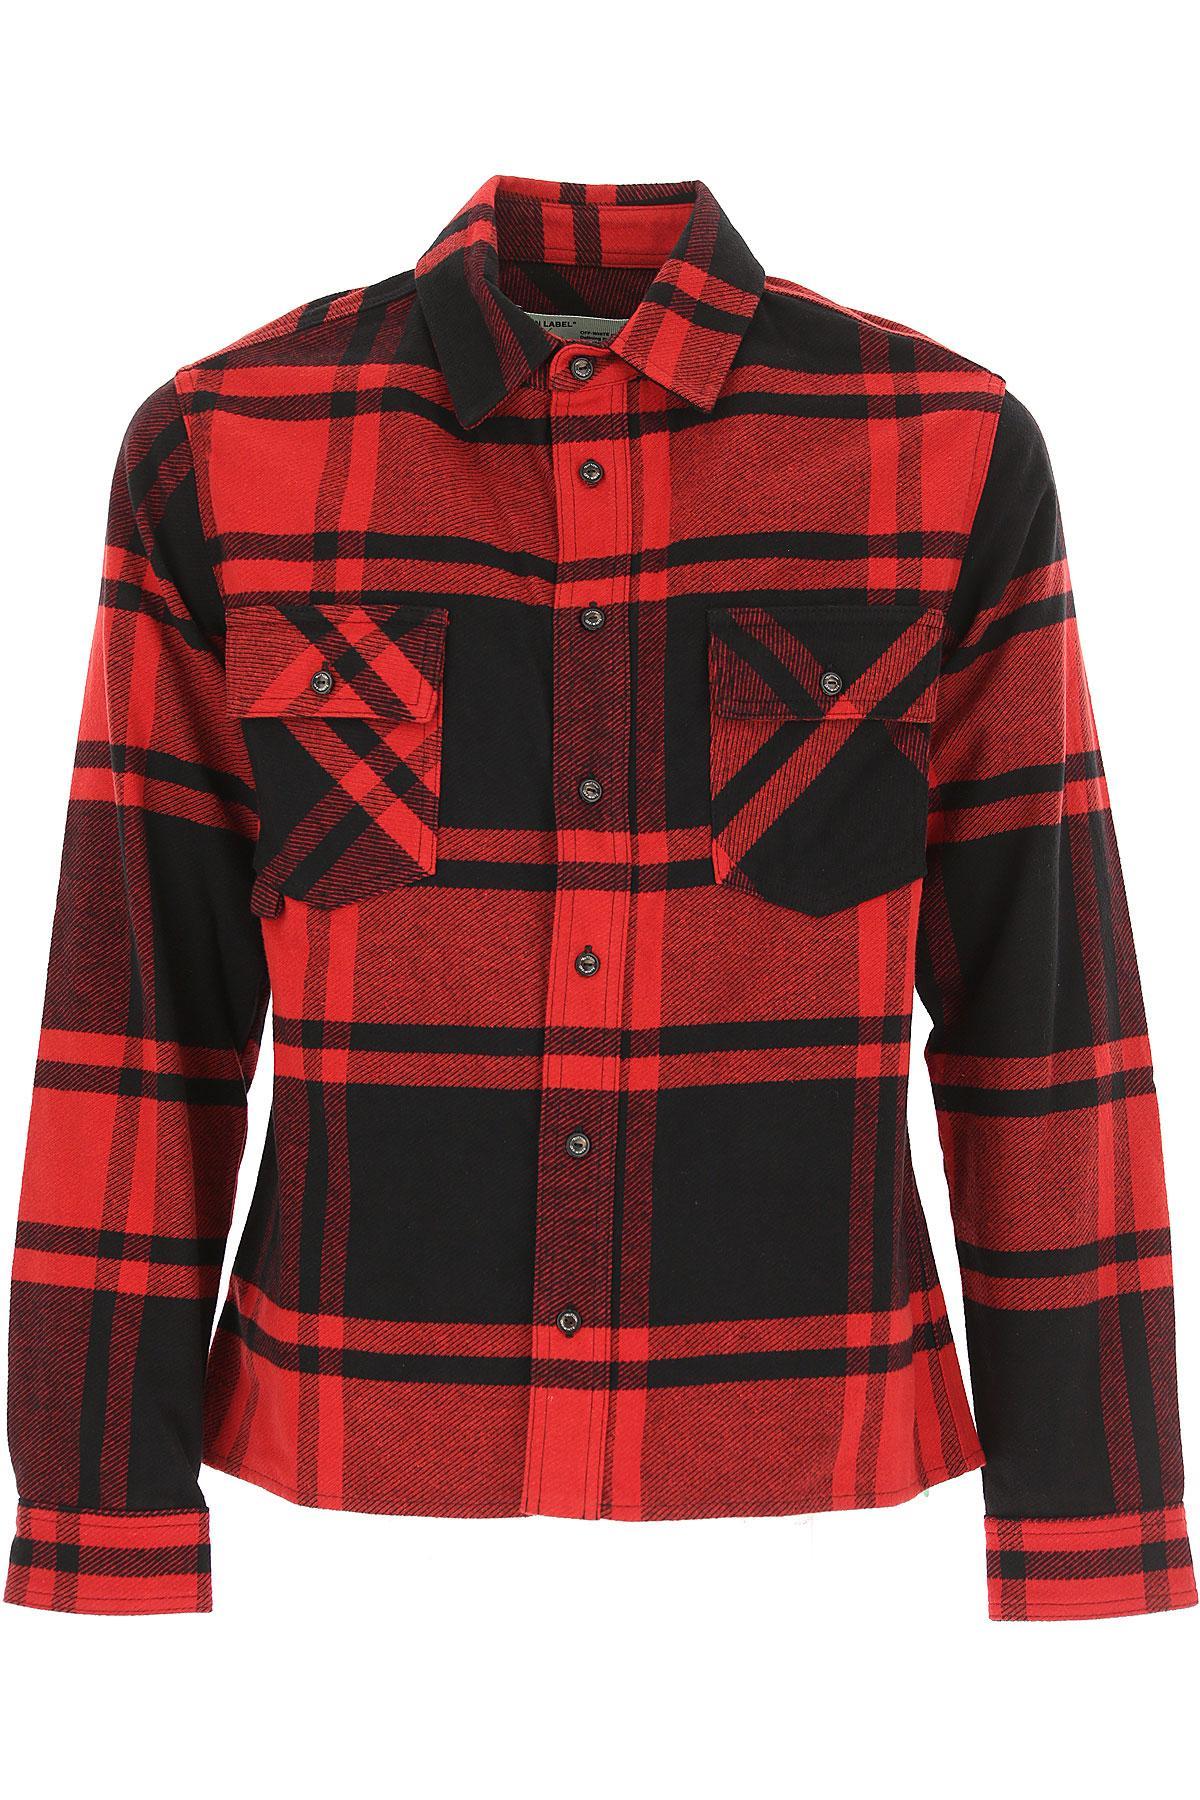 808e68cfcd4d Lyst - Off-White C O Virgil Abloh Shirt For Men in Red for Men